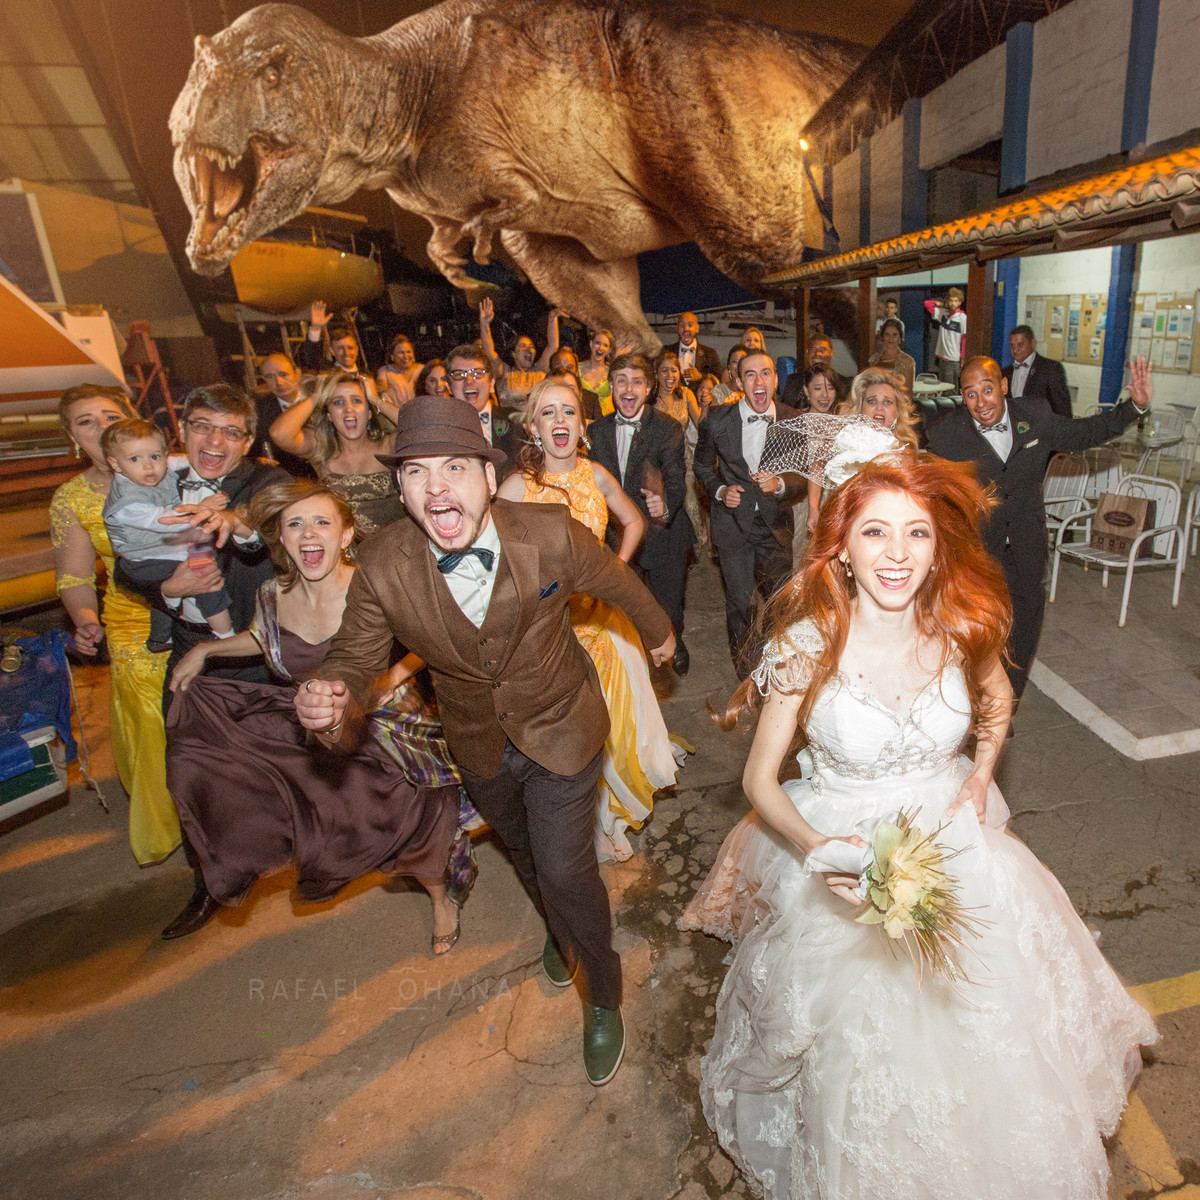 wedding-vintage-jurassic-park-casamento-rafael-ohana-fotografo-de-brasilia-df-dinossauro-trex-medo-panico-no-casamento